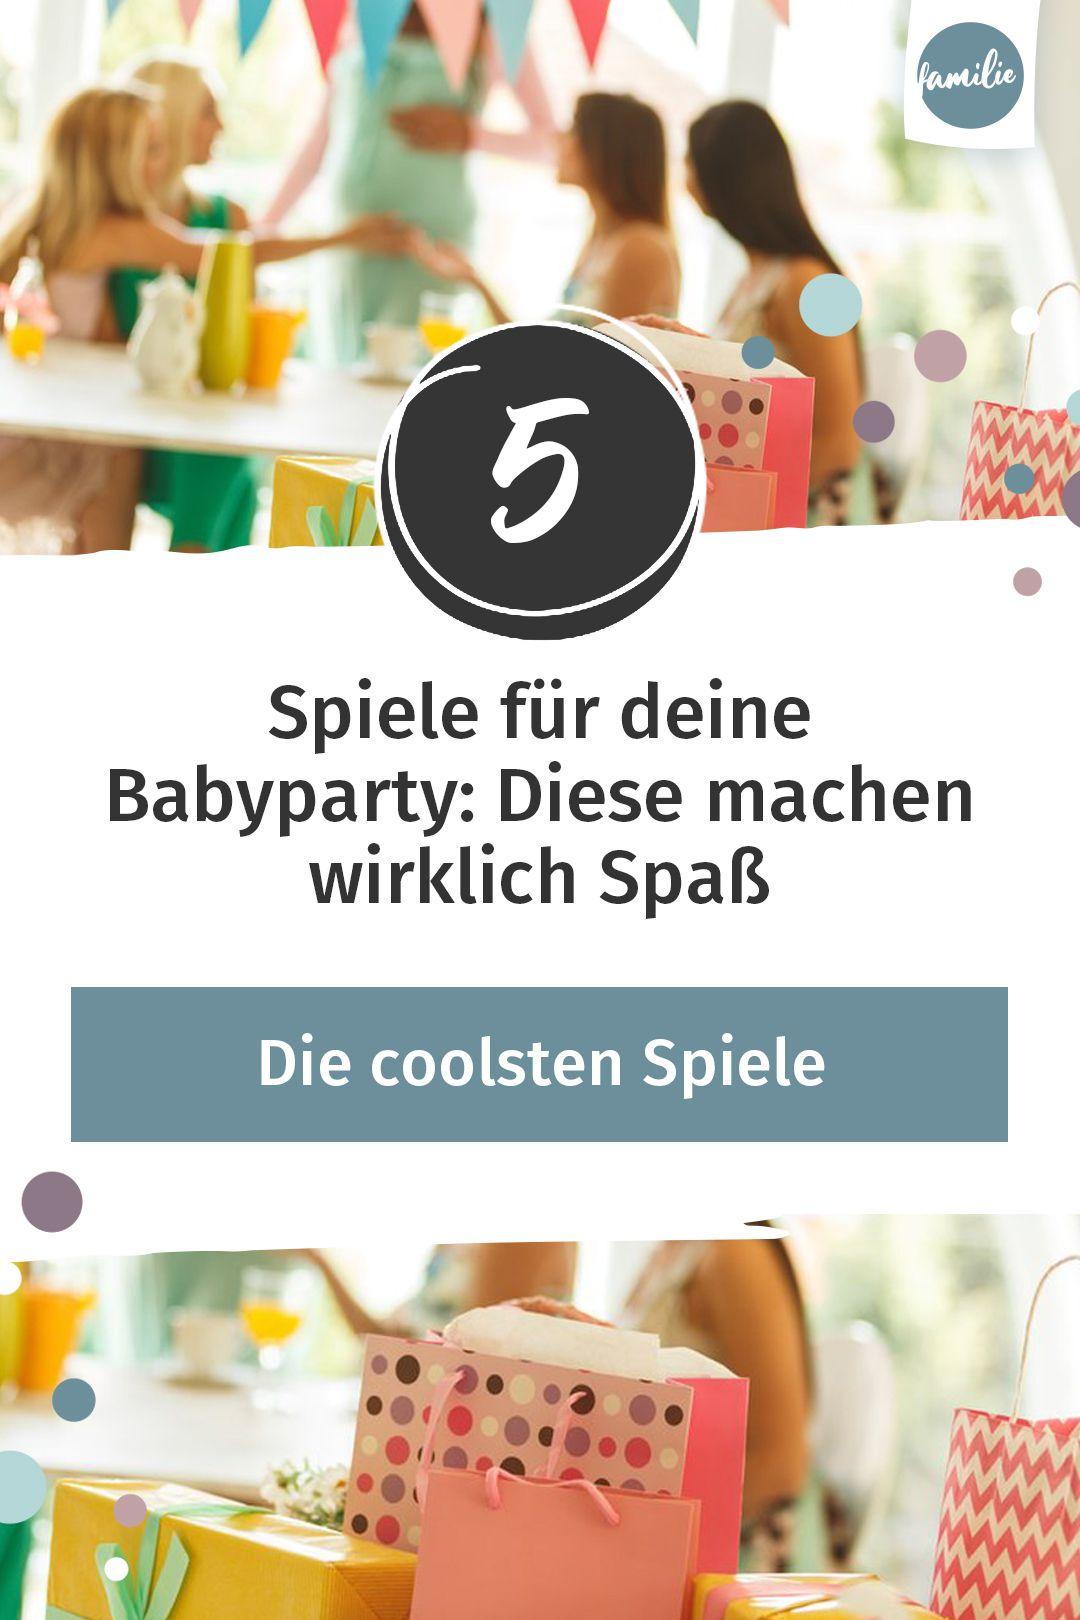 Babyparty Spiele: Diese fünf machen wirklich Spaß